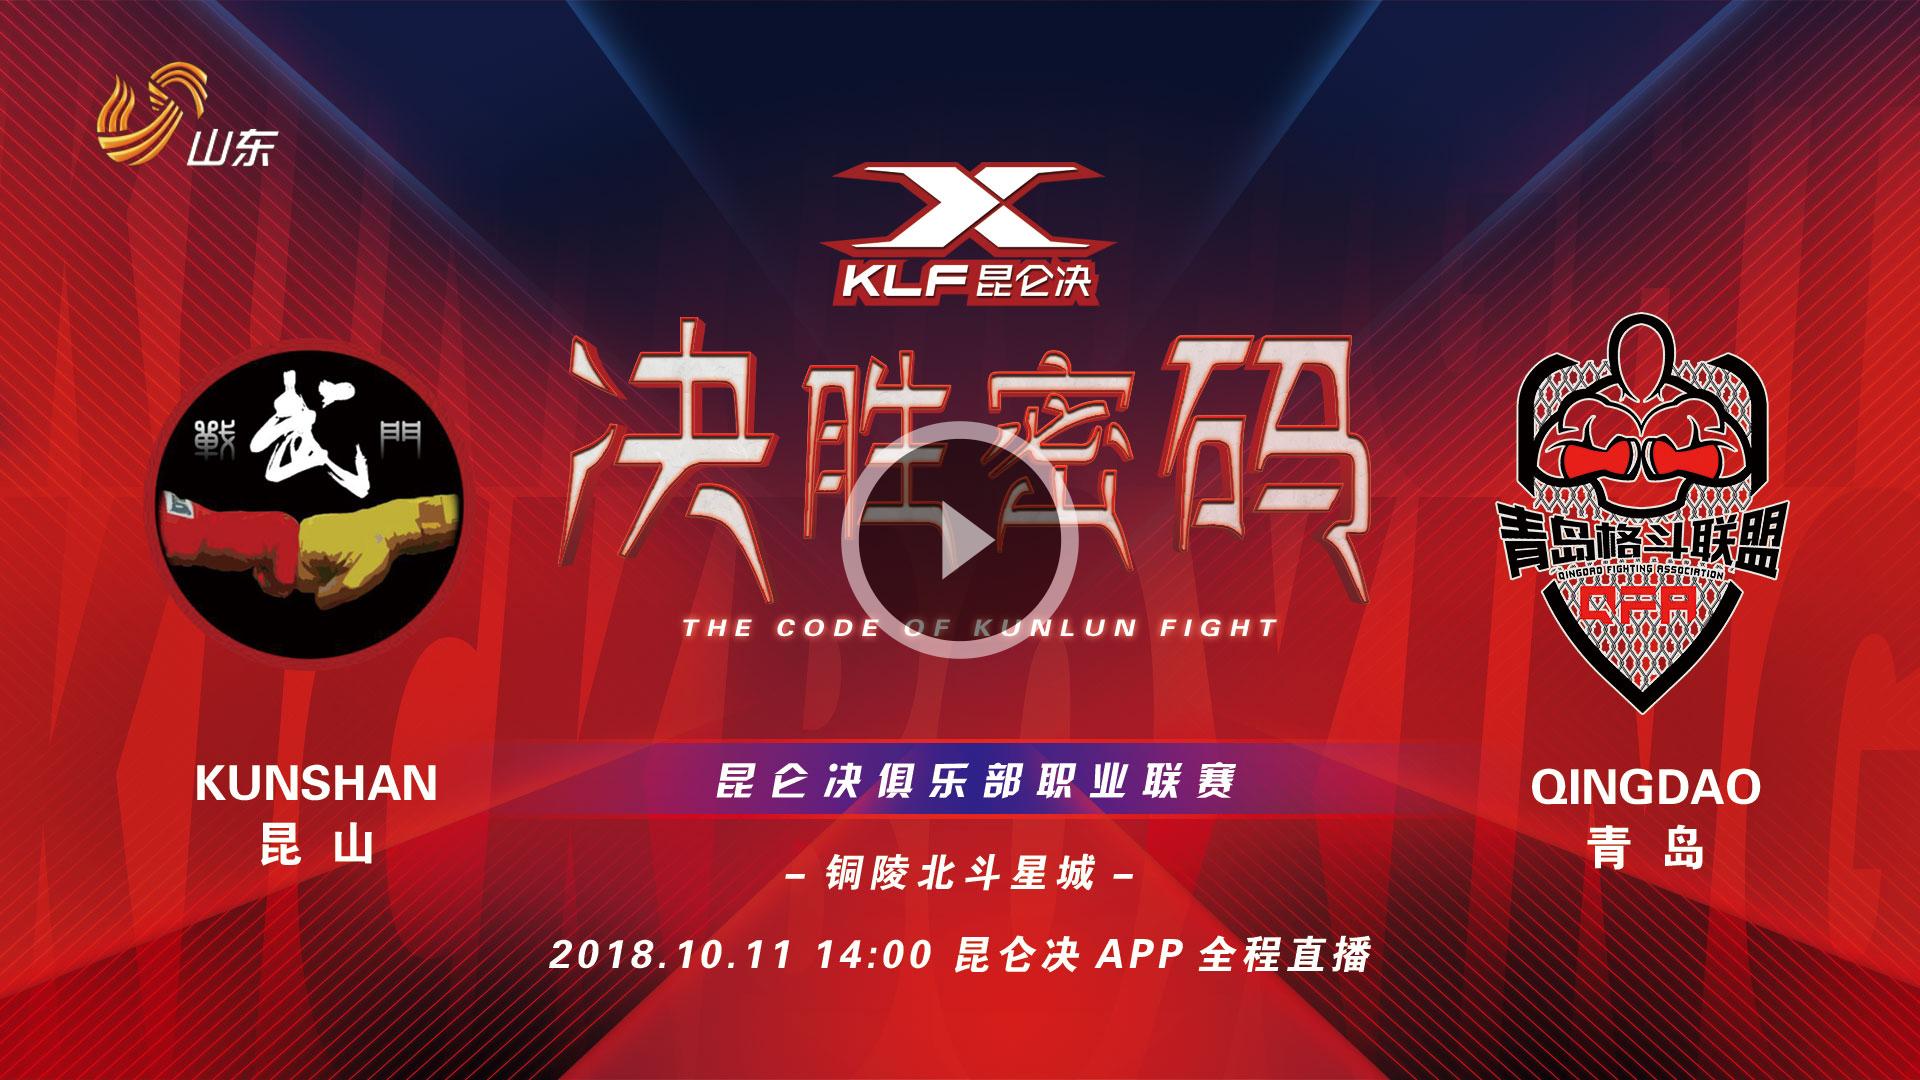 2018年10月11日昆仑决·决胜密码 – 直播[视频] 昆山战武门vs青岛格斗联盟